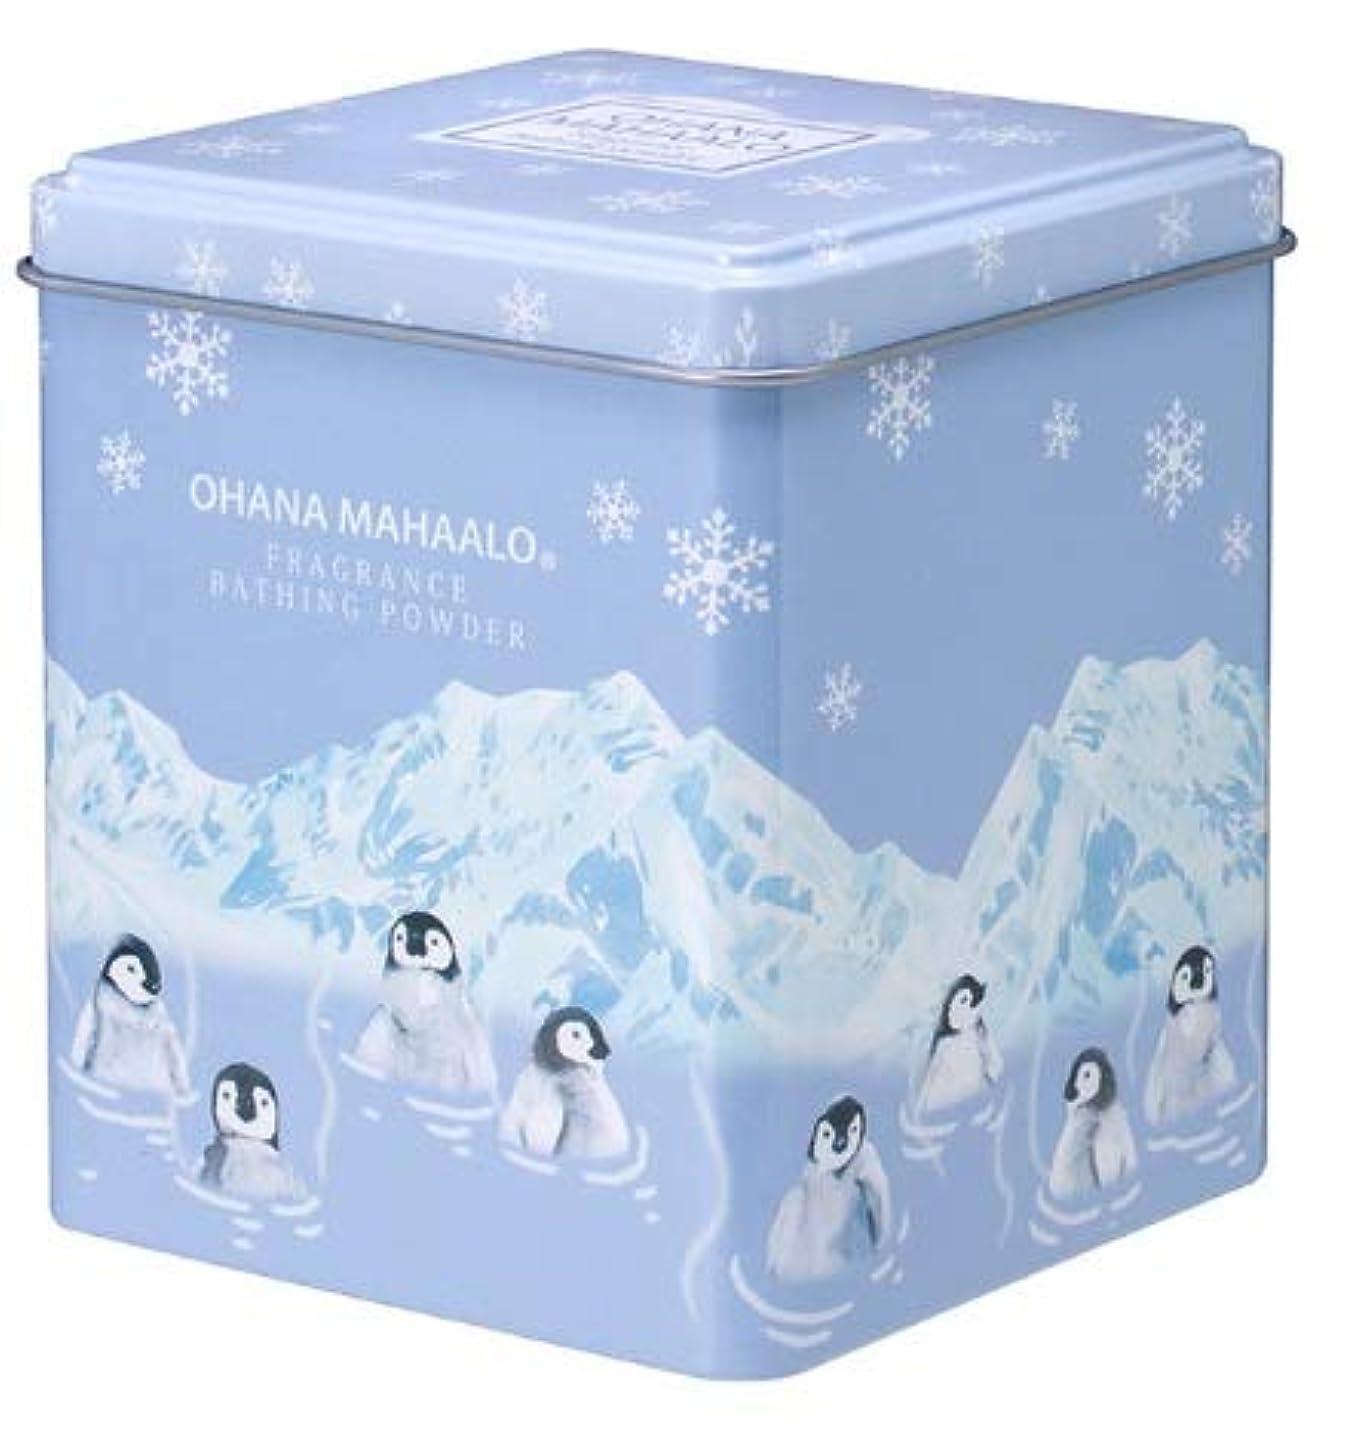 一晩瞑想緩める【 OHANA MAHAALO(オハナ?マハロ) 】フレグランスバスパウダー<ハチミツの香り>